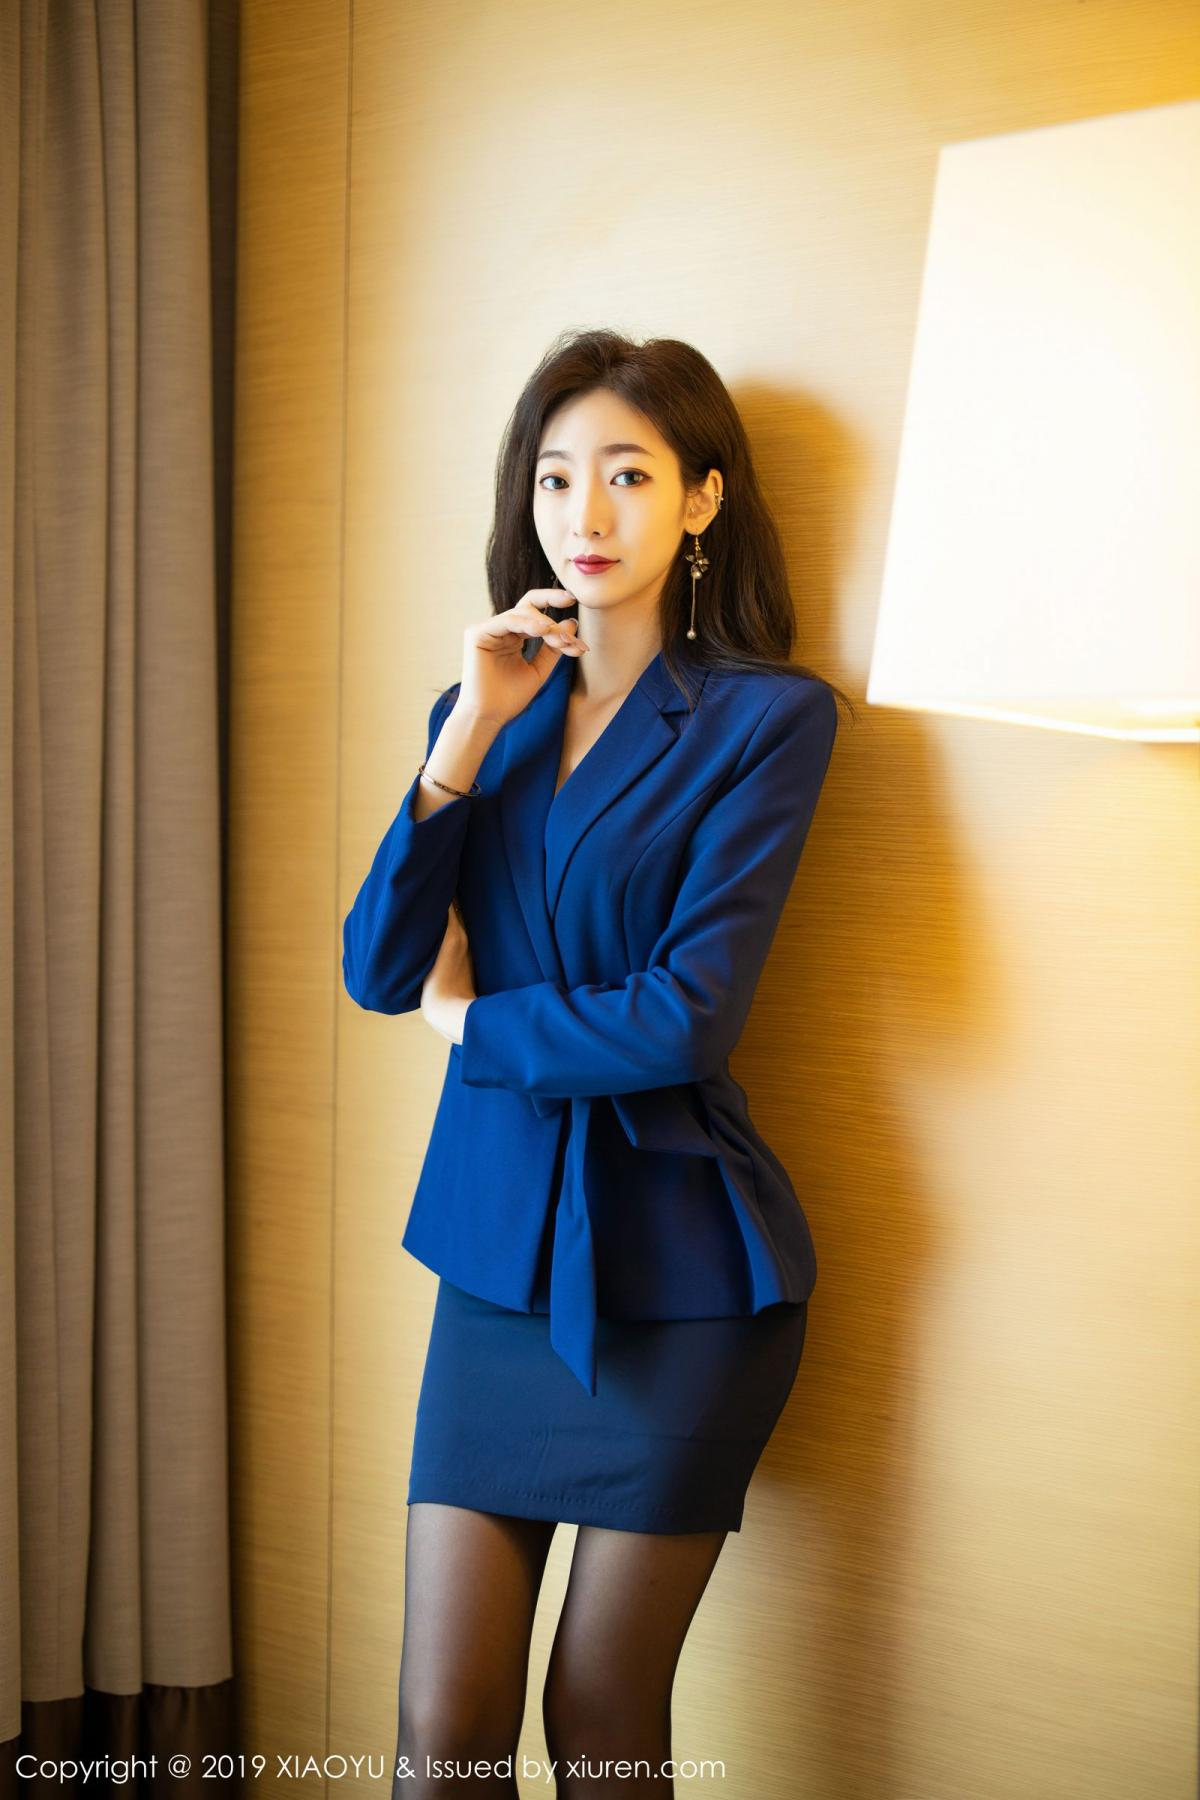 [XiaoYu] Vol.203 An Qi Yee 2P, An Qi Yee, Black Silk, Tall, Uniform, XiaoYu